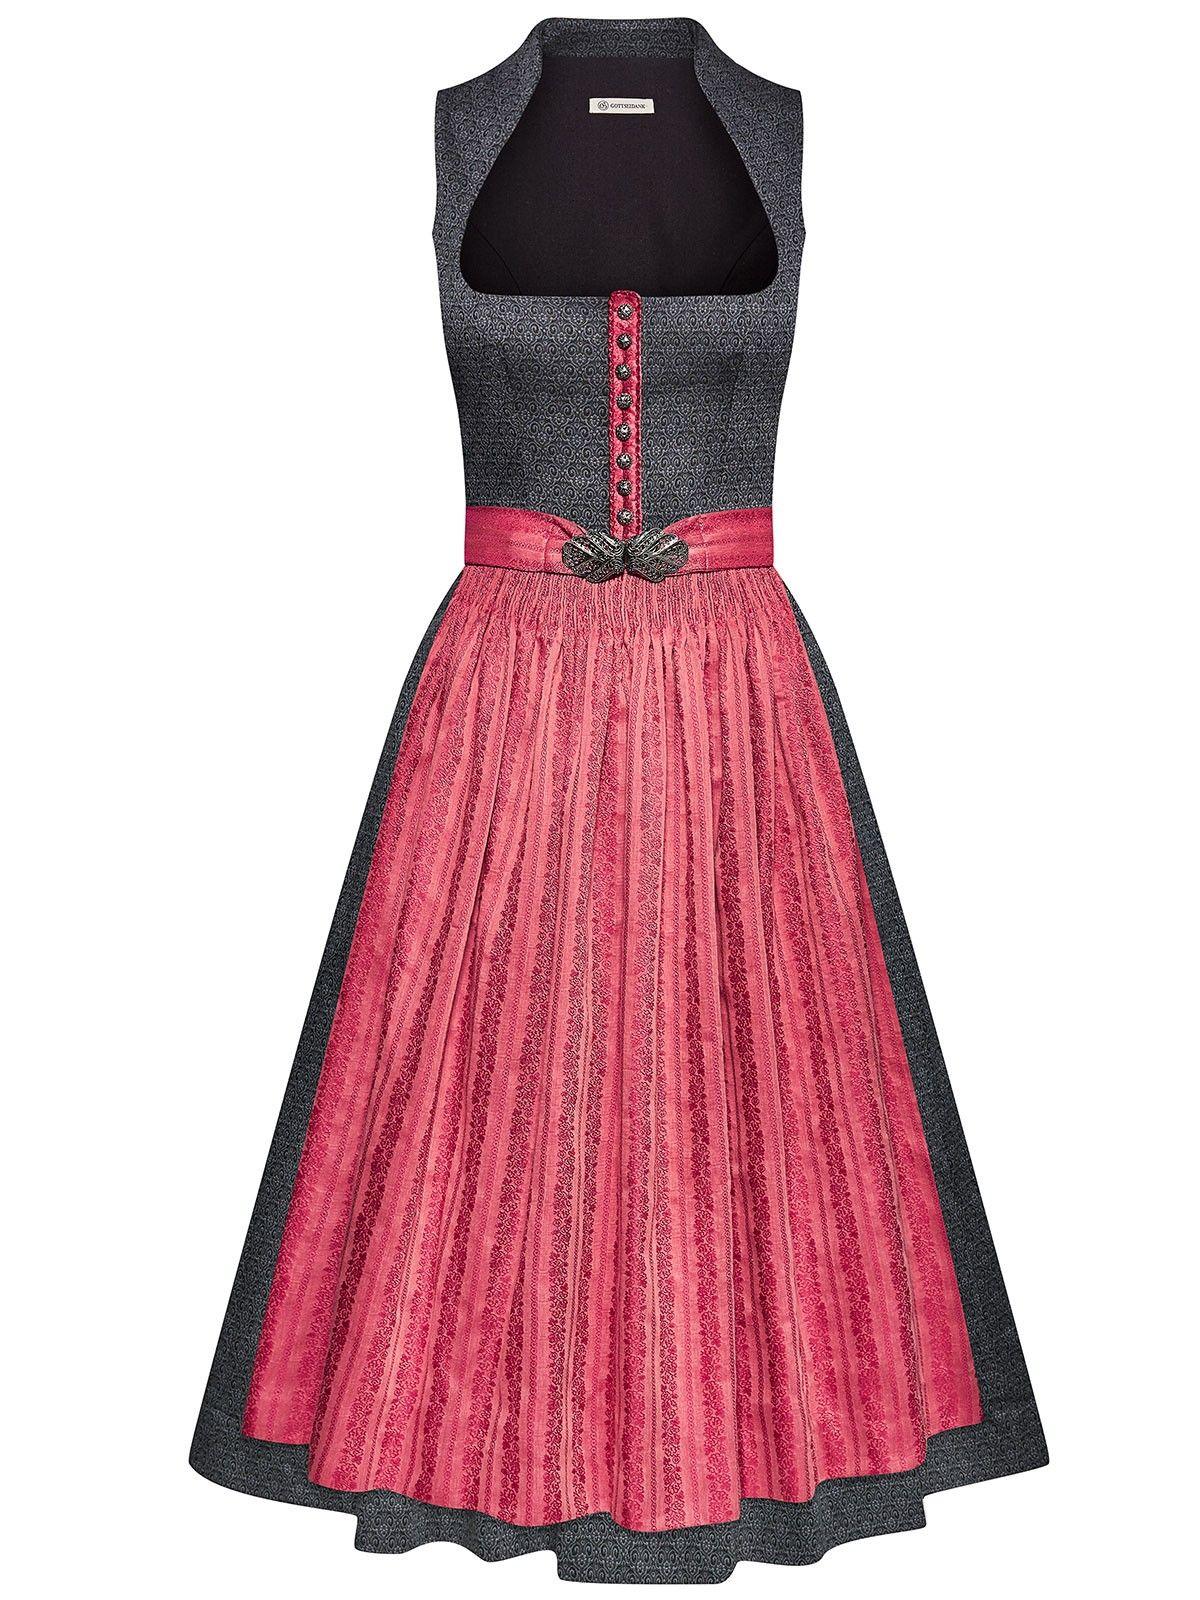 Berwin /& Wolff Damen Kleid Maxi-Dirndl Bluse Schürze 3-teilig